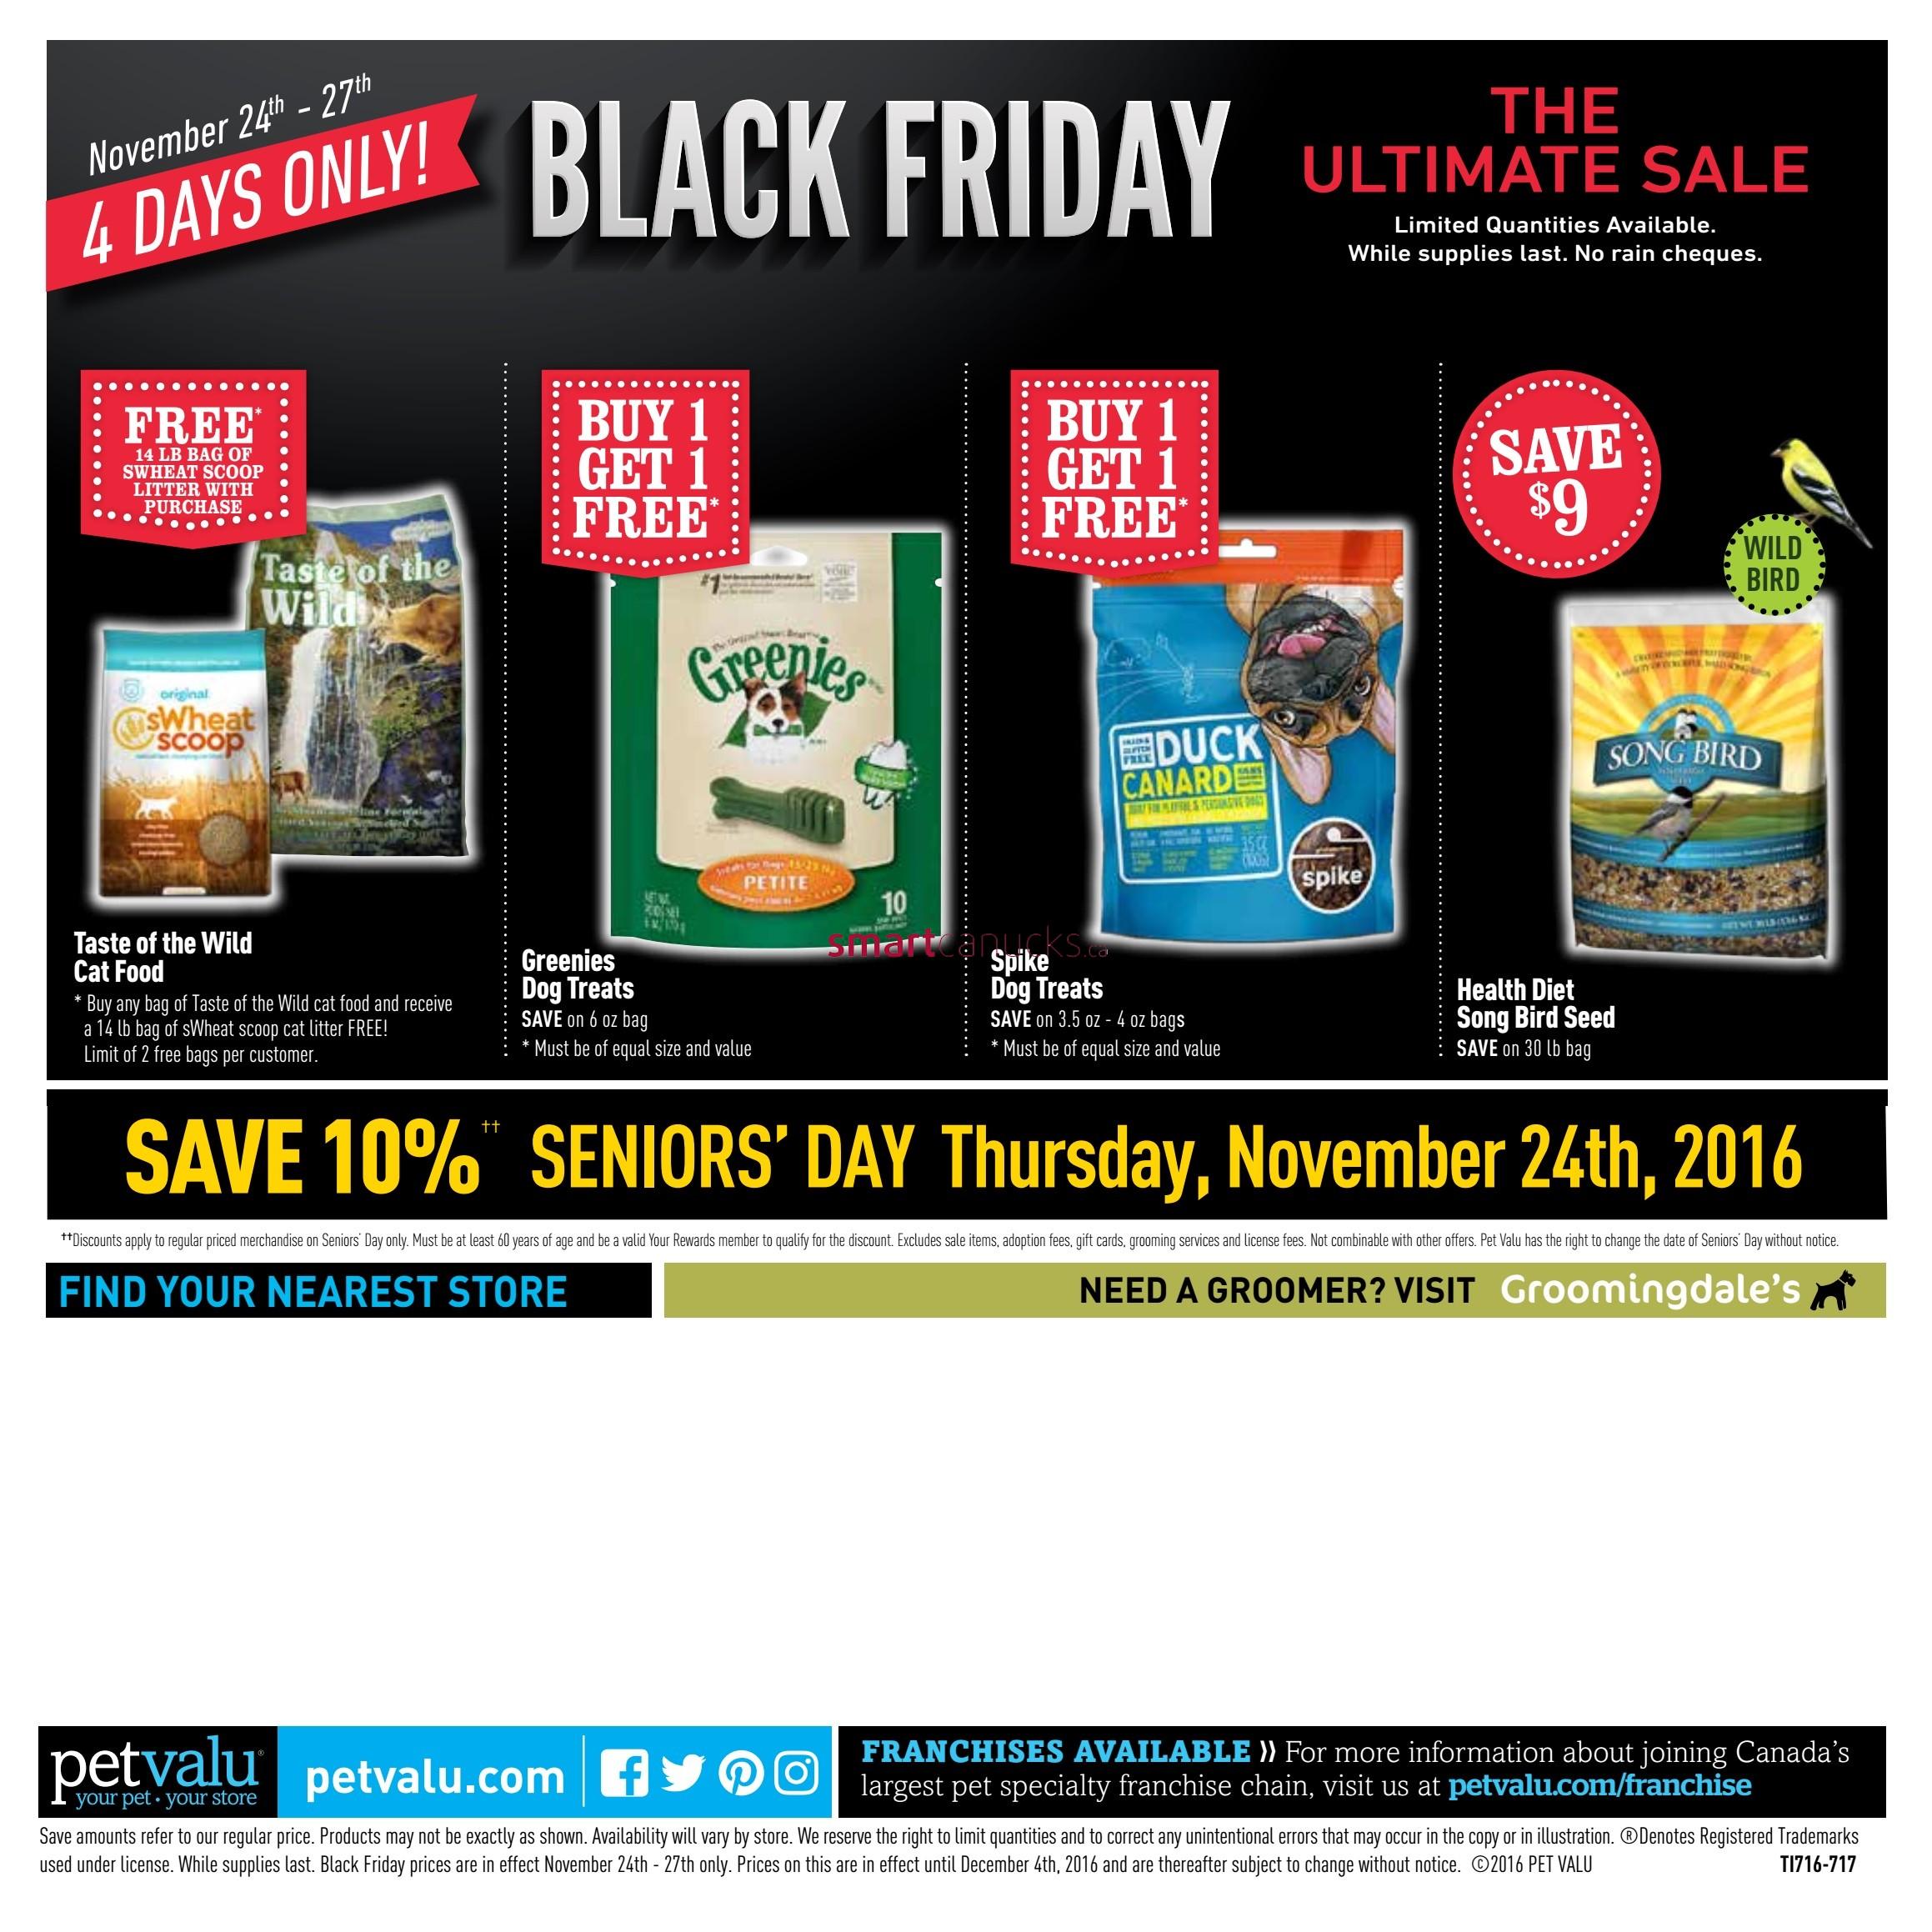 Petsmart 5 off 25 printable coupon 2018